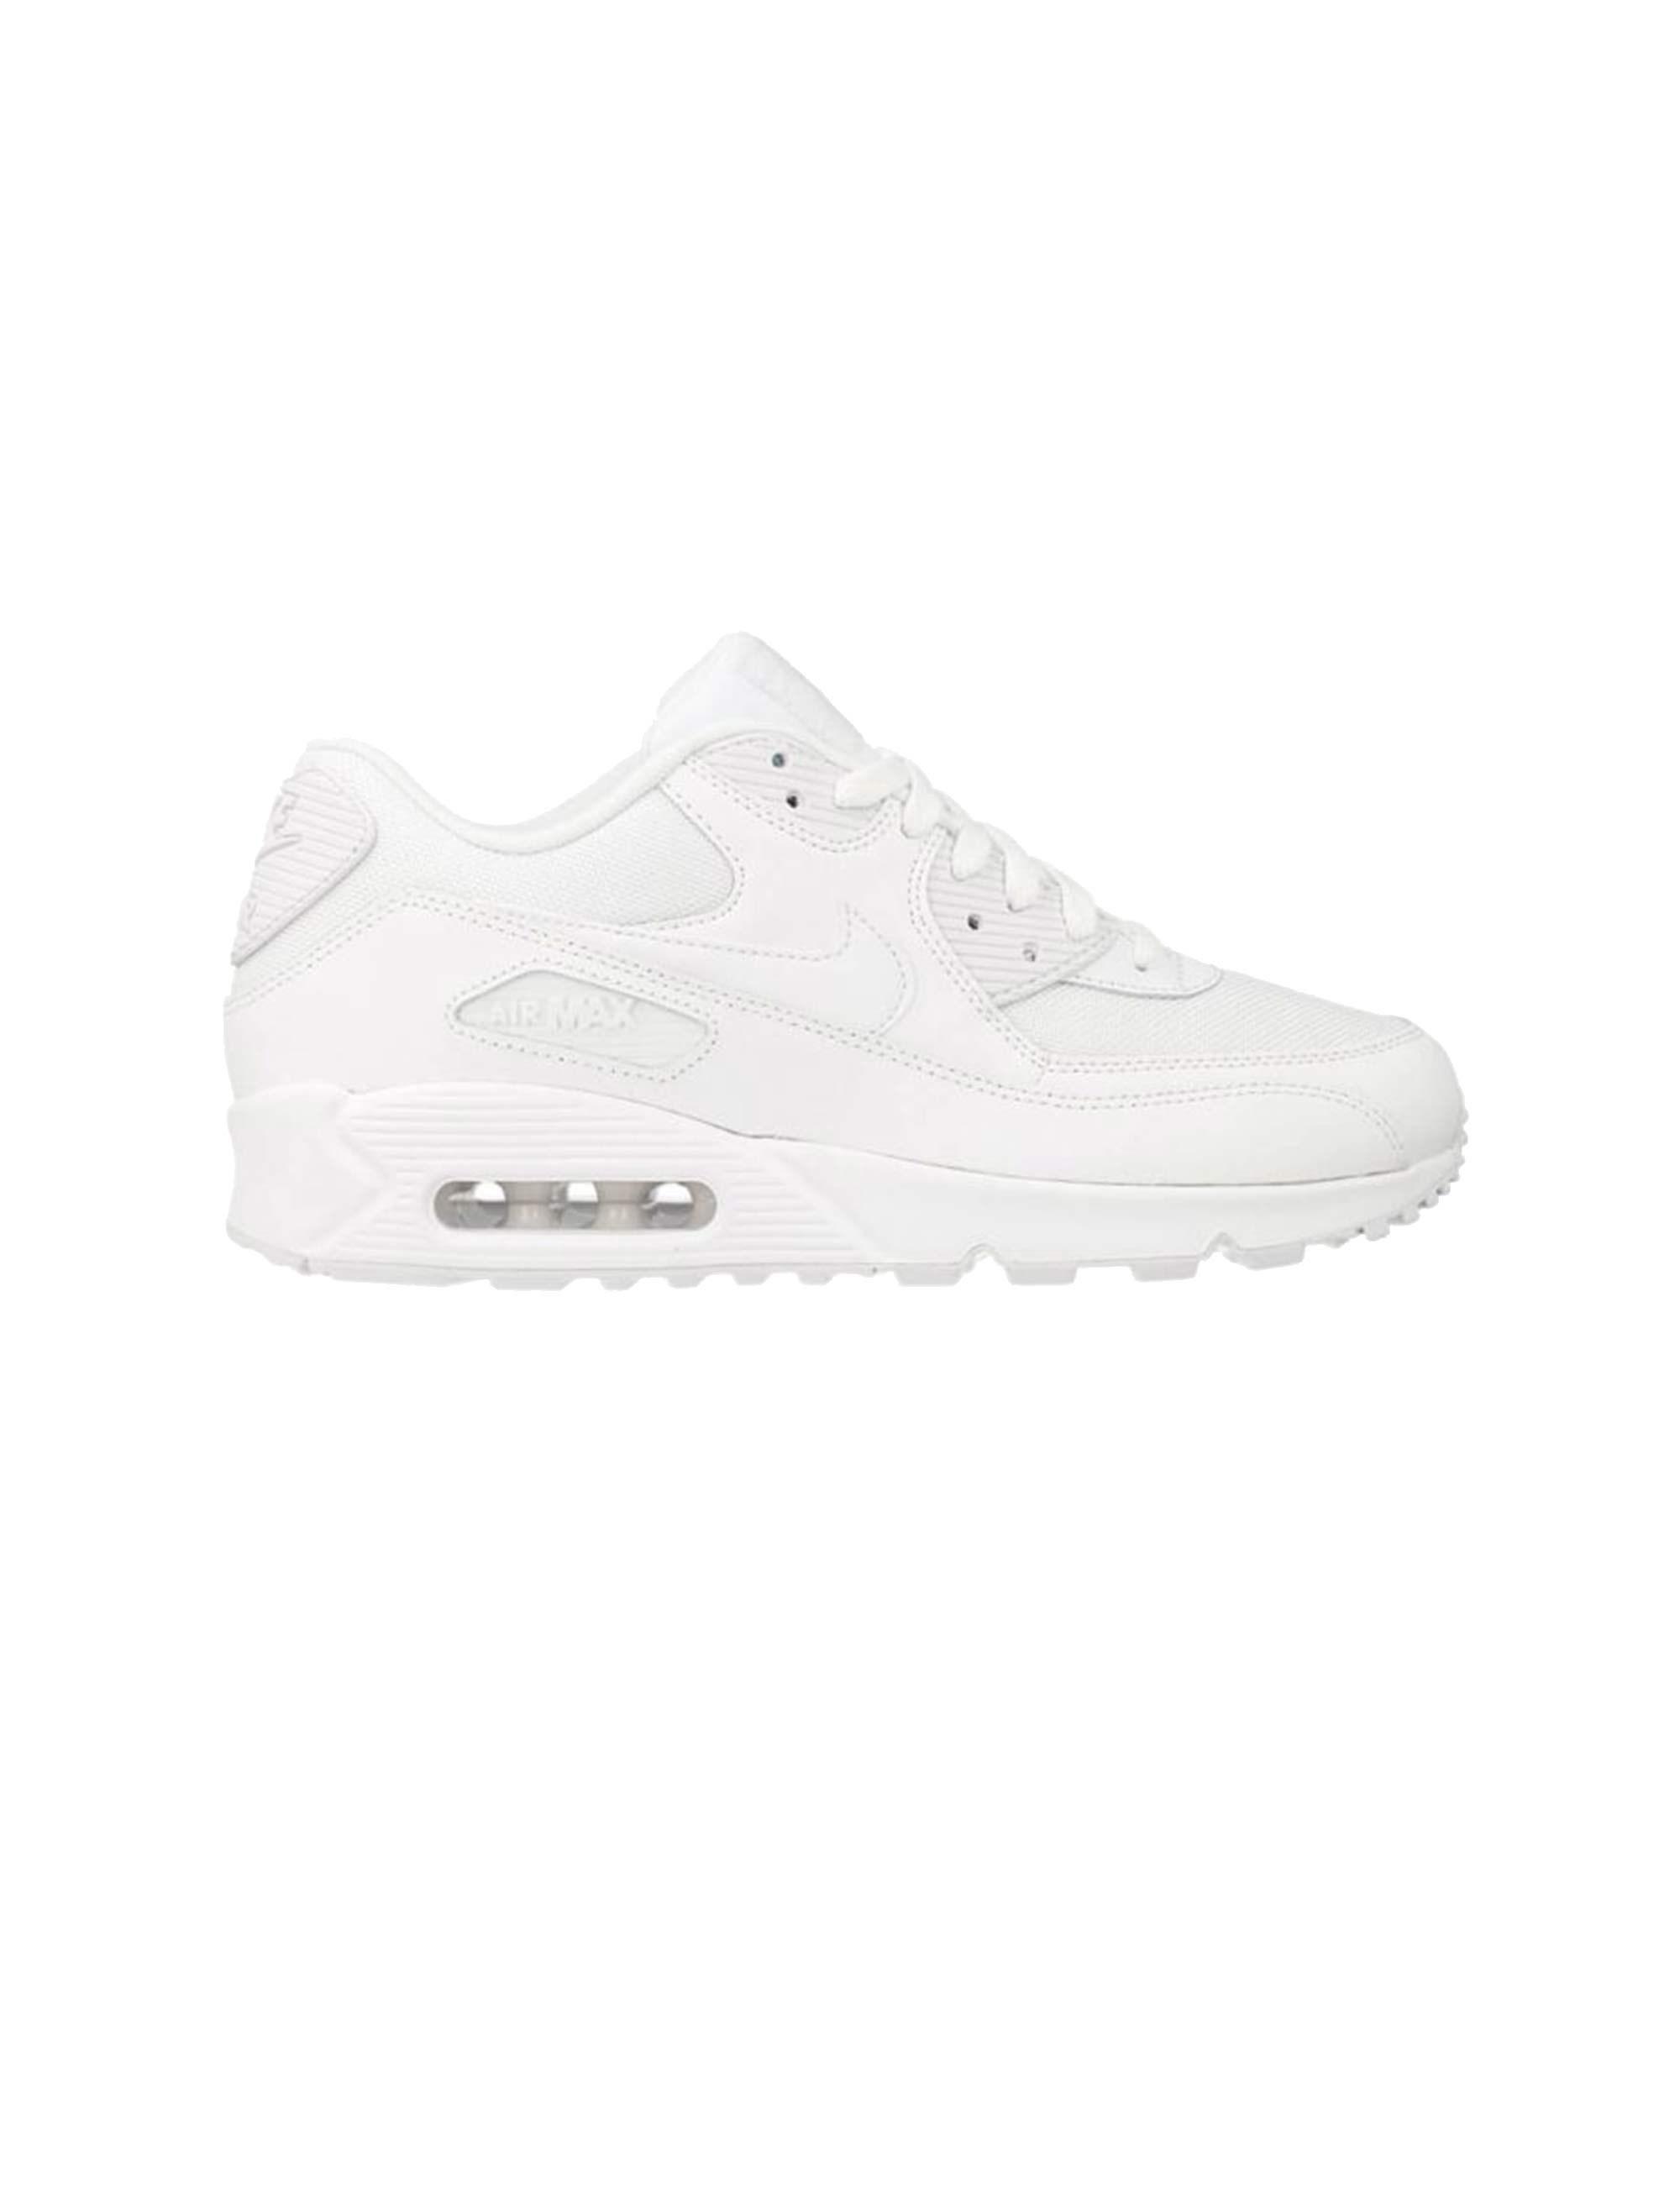 قیمت کفش دویدن بندی مردانه Air Max 90 Essential - نایکی